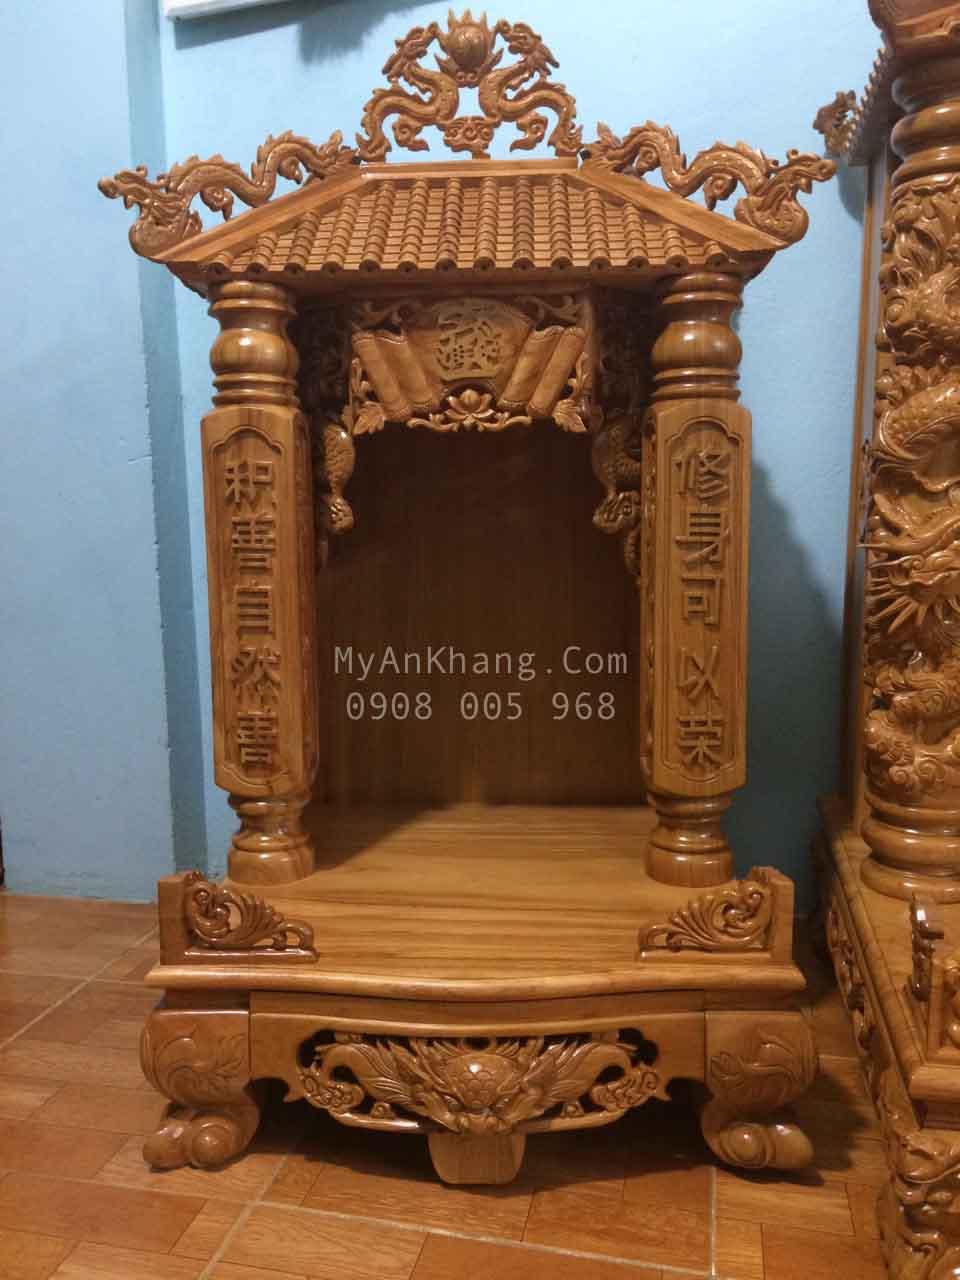 Thay bàn thờ ông địa thần tài bằng gạch men sang gỗ gõ đỏ